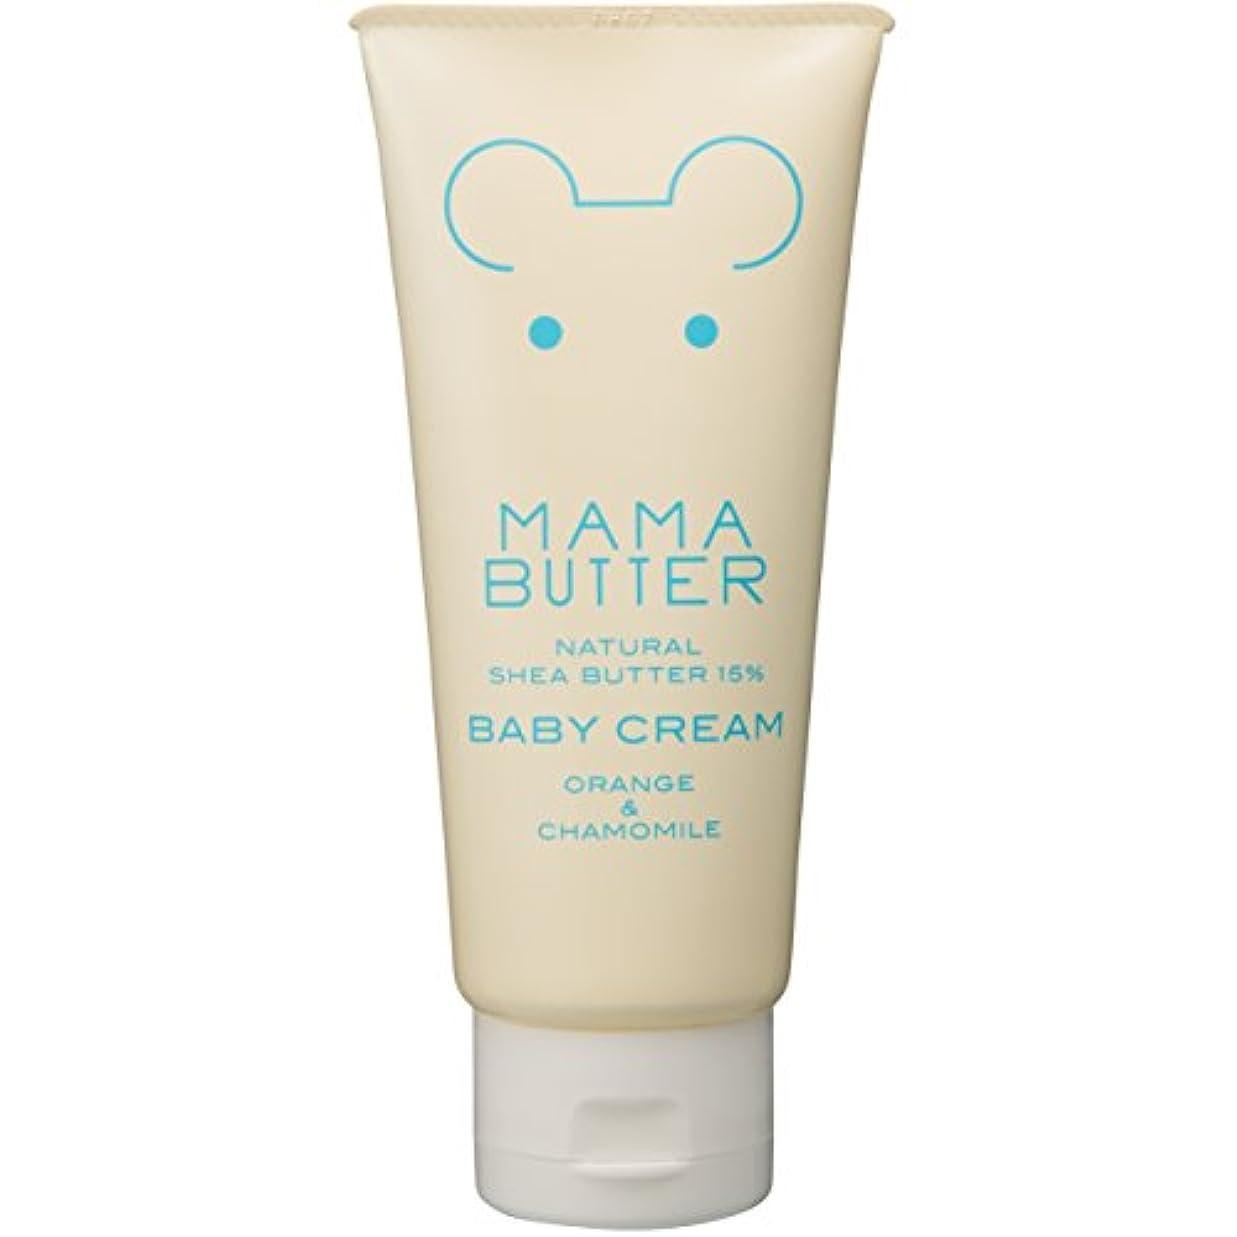 シャイニング軍団抹消ママバター ベビークリーム 天然 オレンジ&カモミールの香り 130g